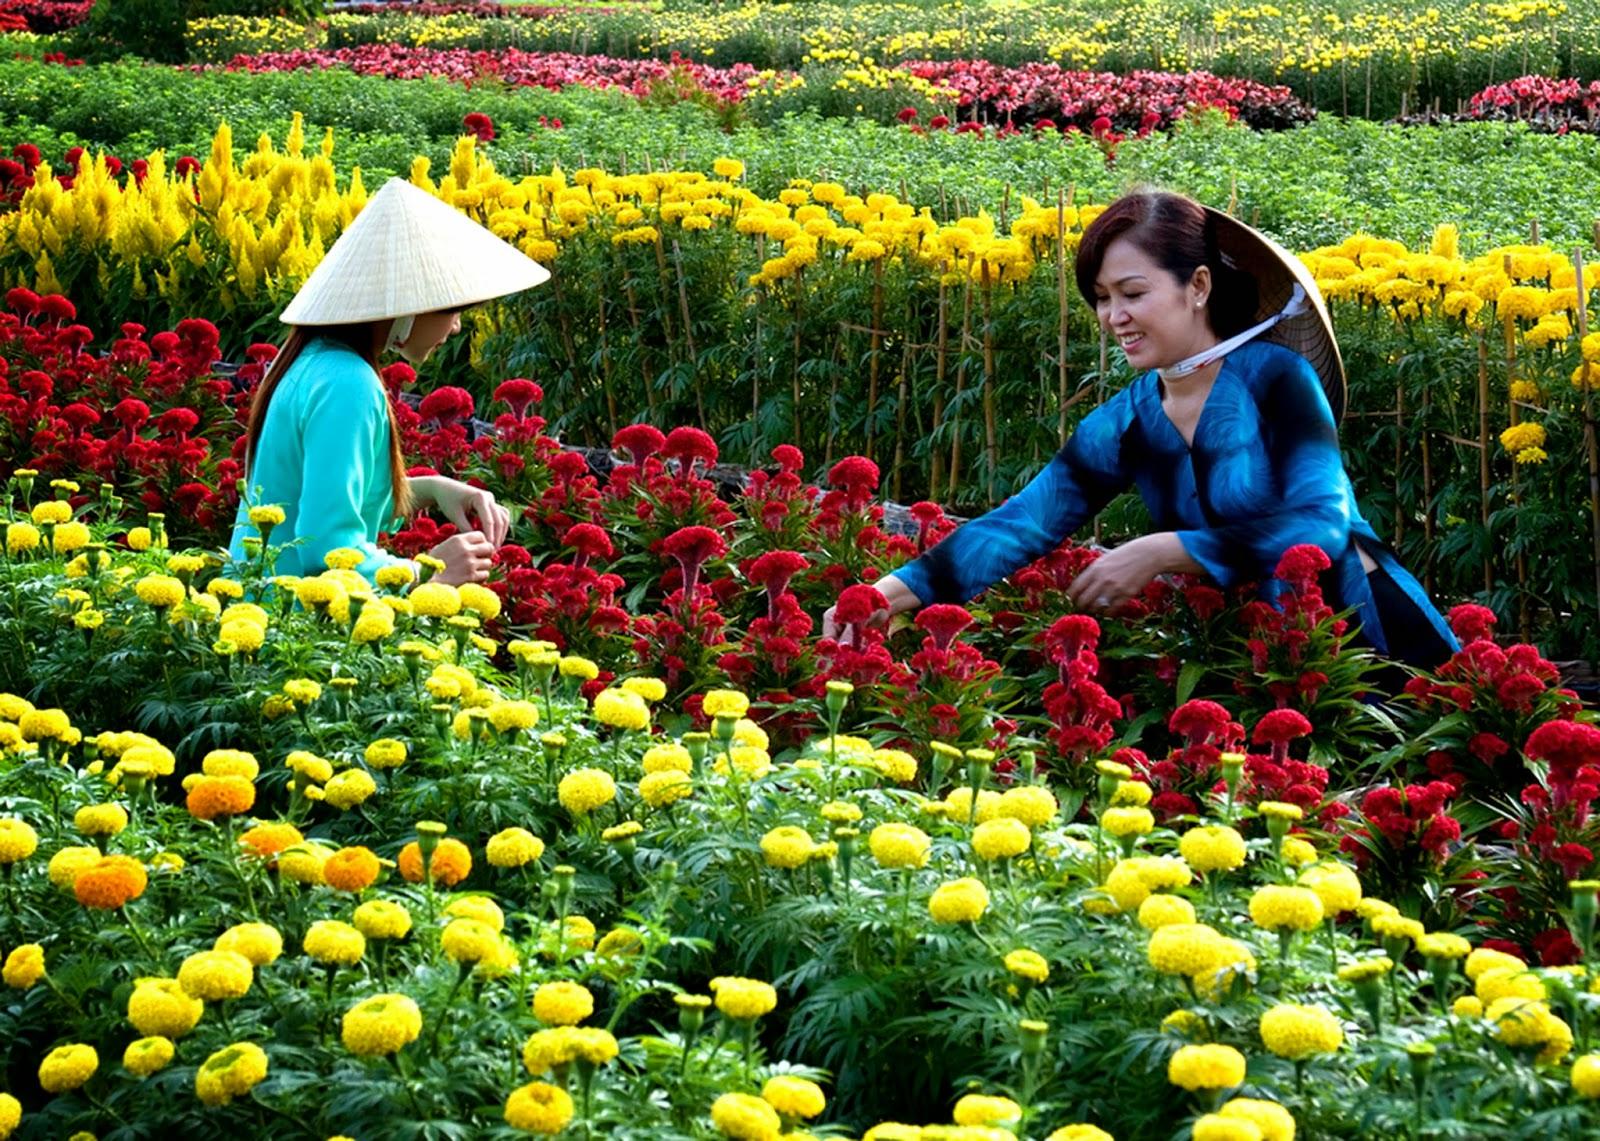 du lịch văn hóa Đà Lạt